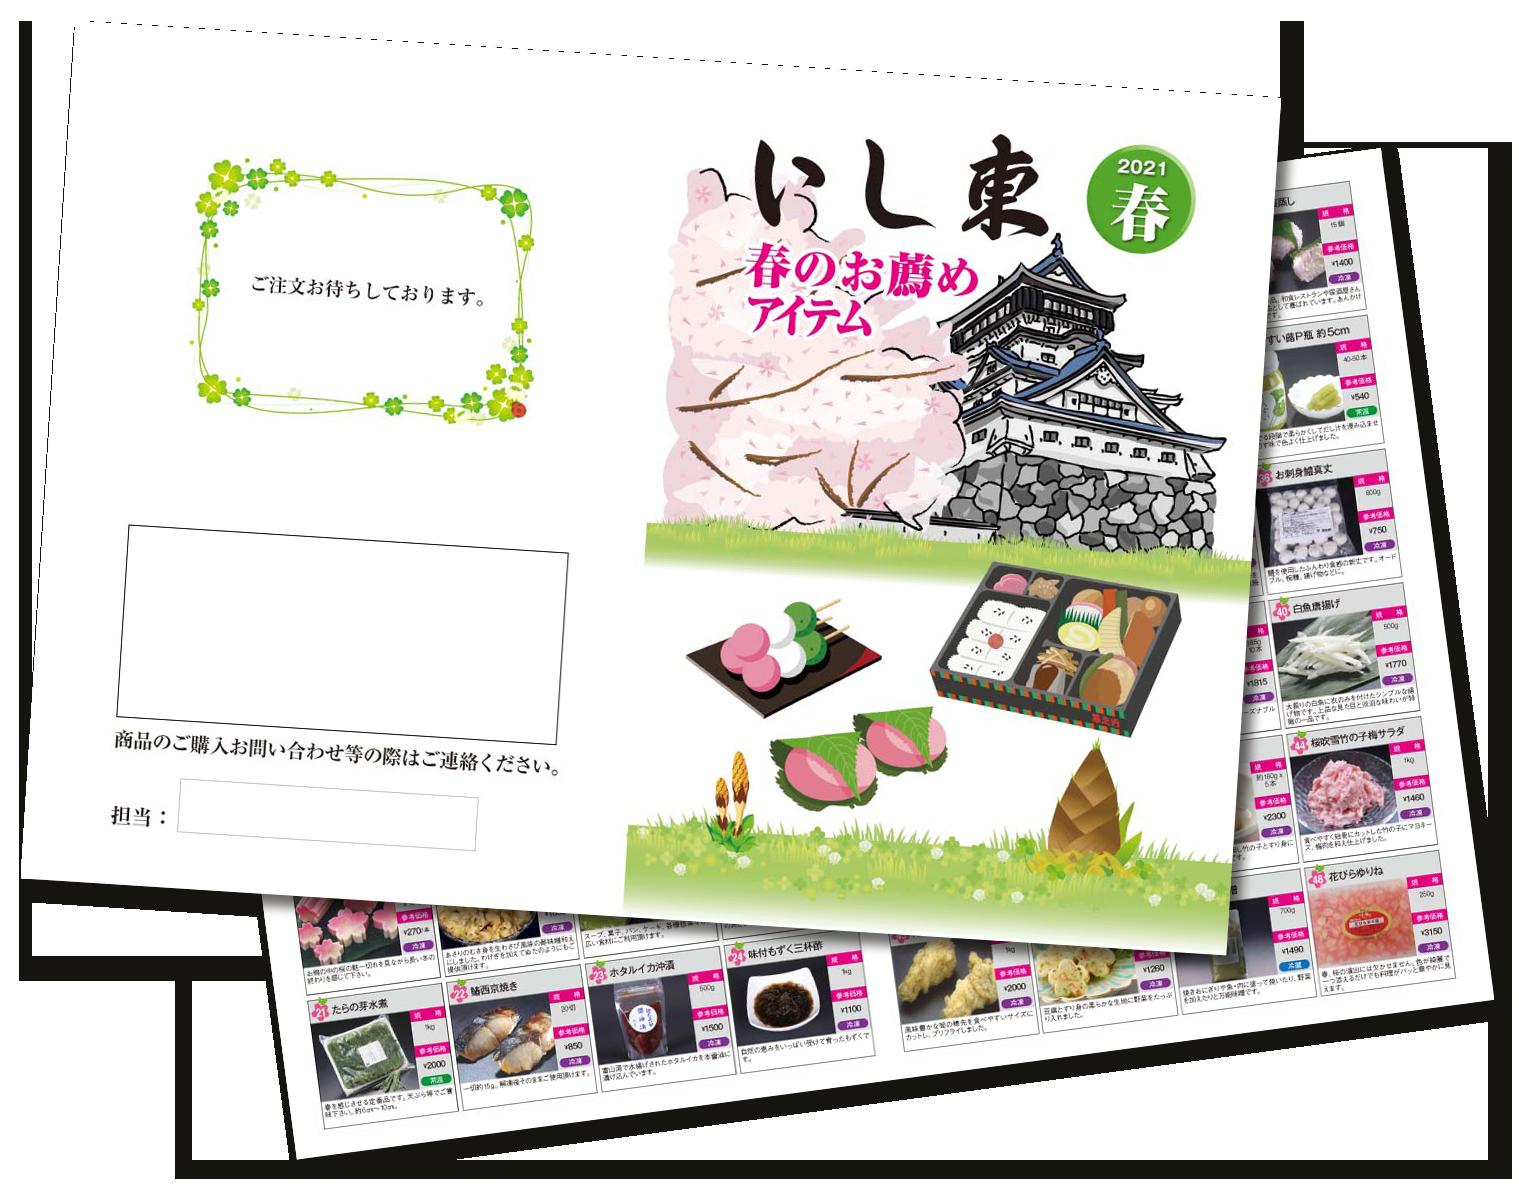 春のお薦めアイテムカタログ掲載のお知らせ